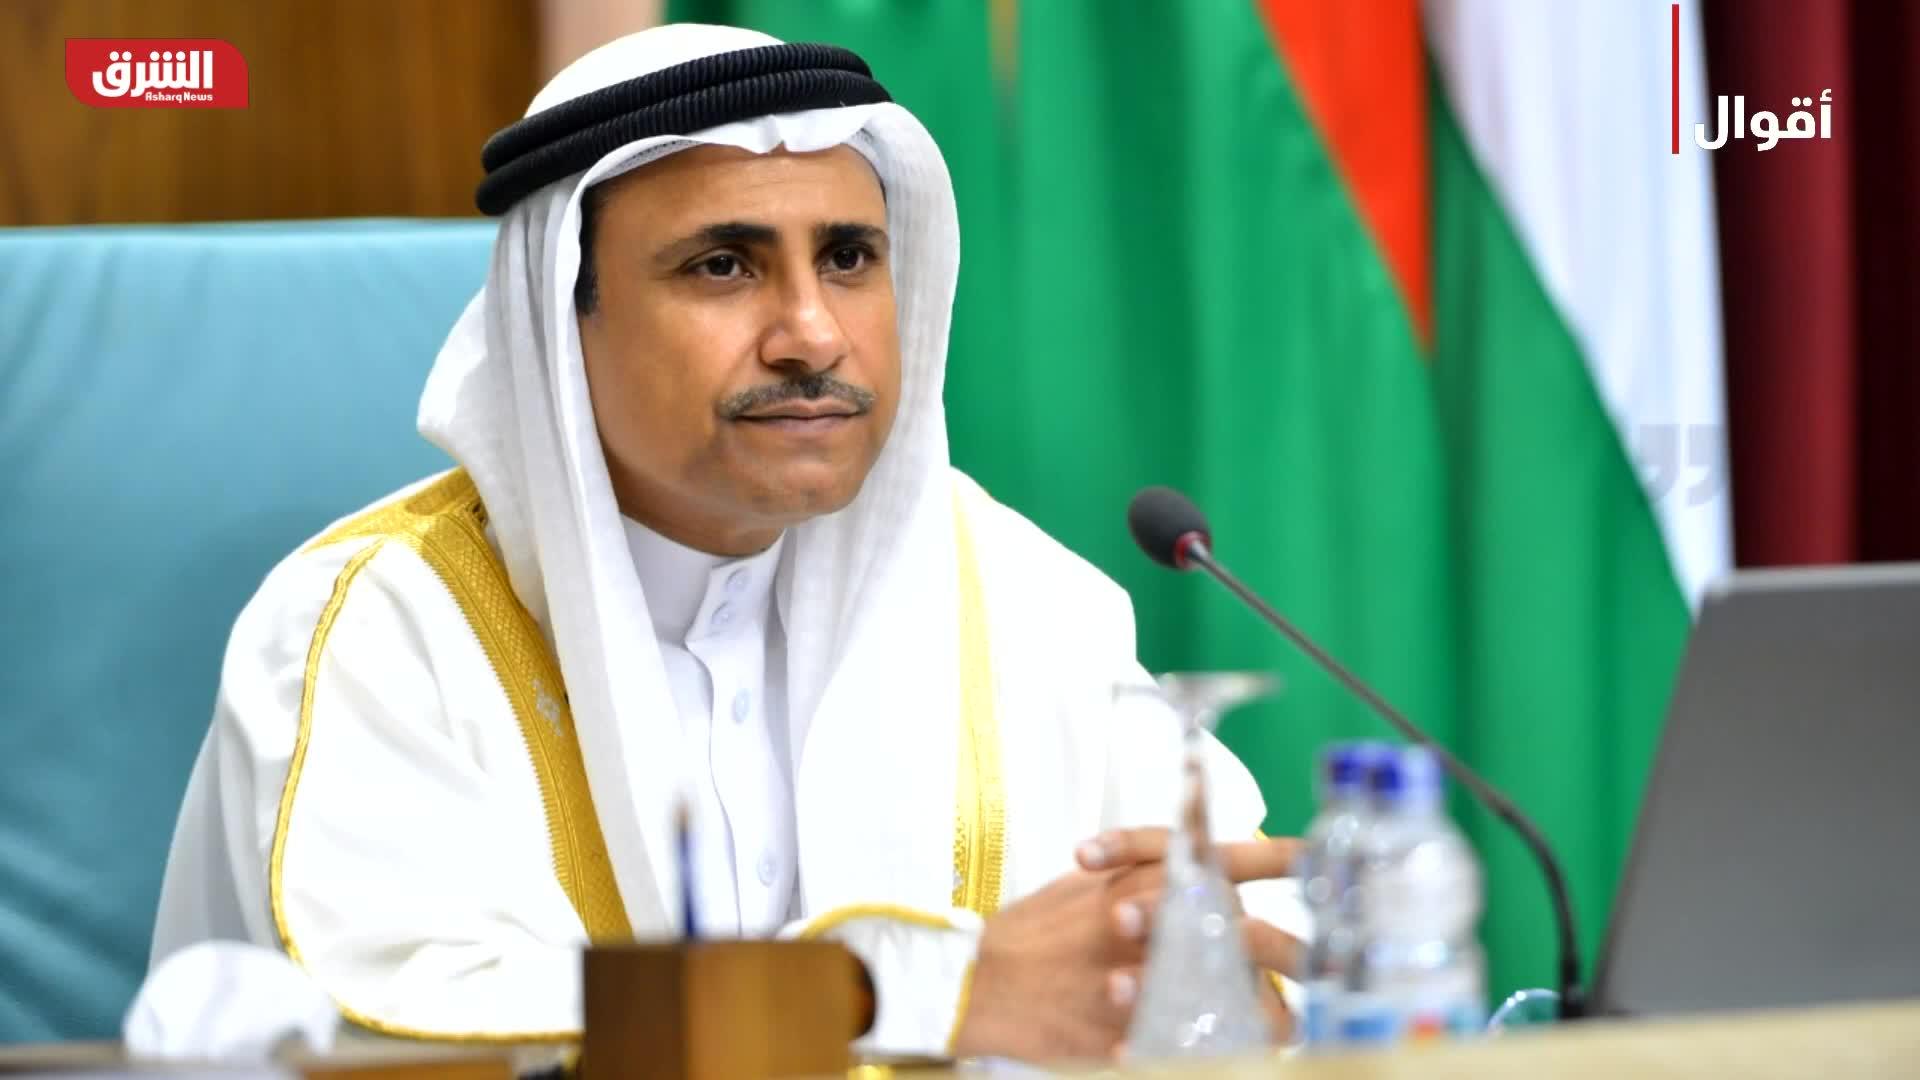 """أقوال عالمية حول جهود المصالحة بـ""""قمة العلا"""" لمجلس التعاون الخليجي"""